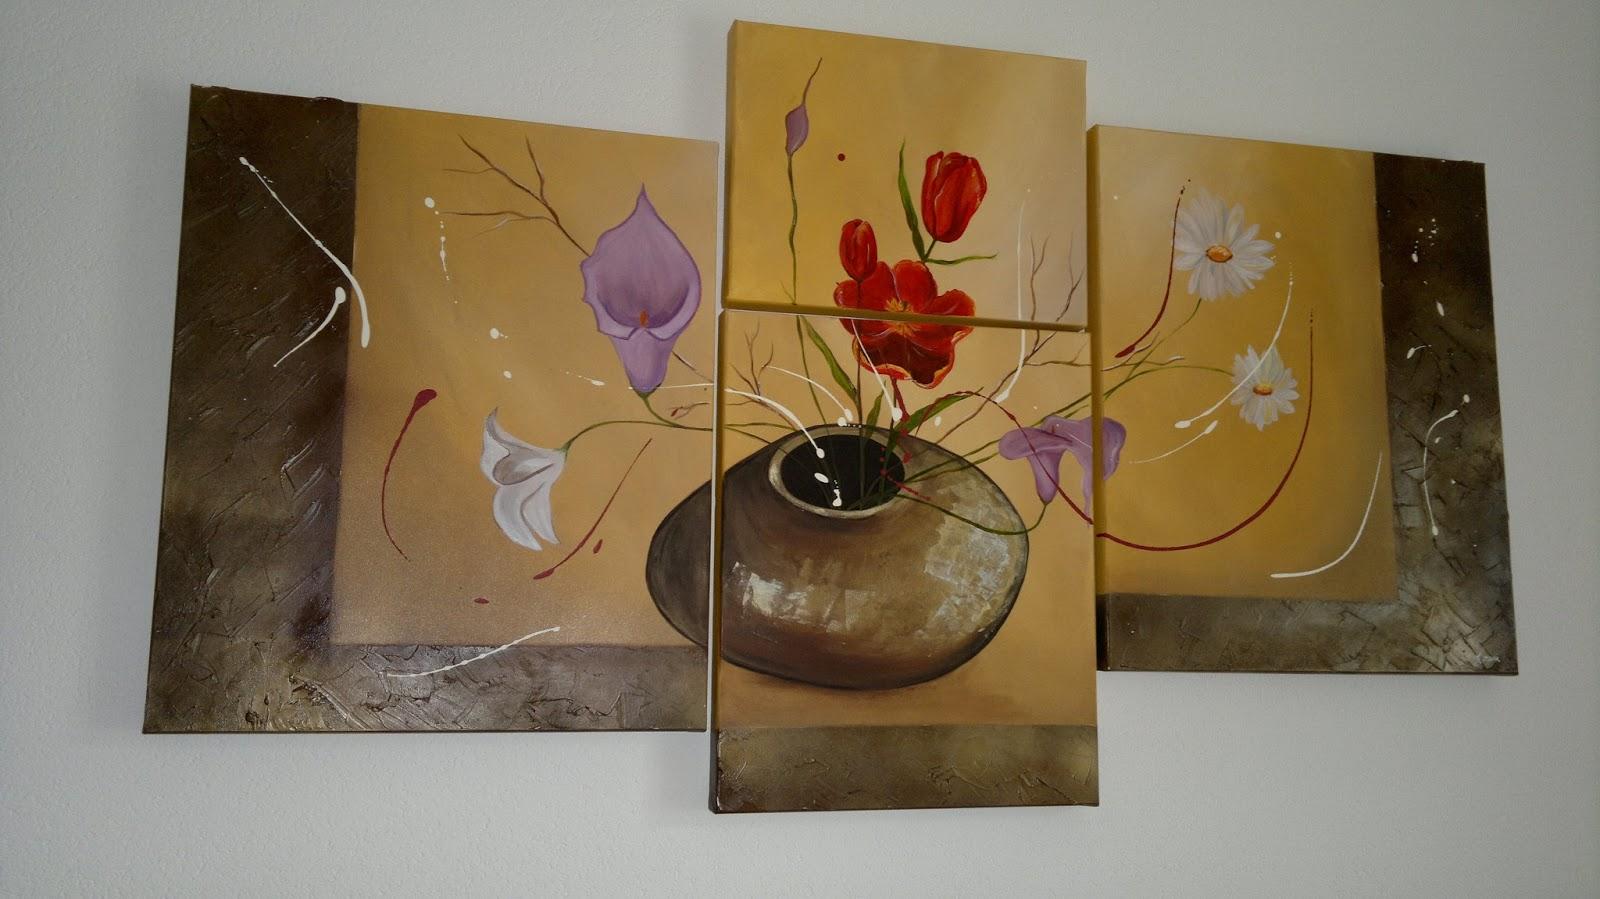 Immagini quadri moderni fiori for Immagini quadri astratti moderni